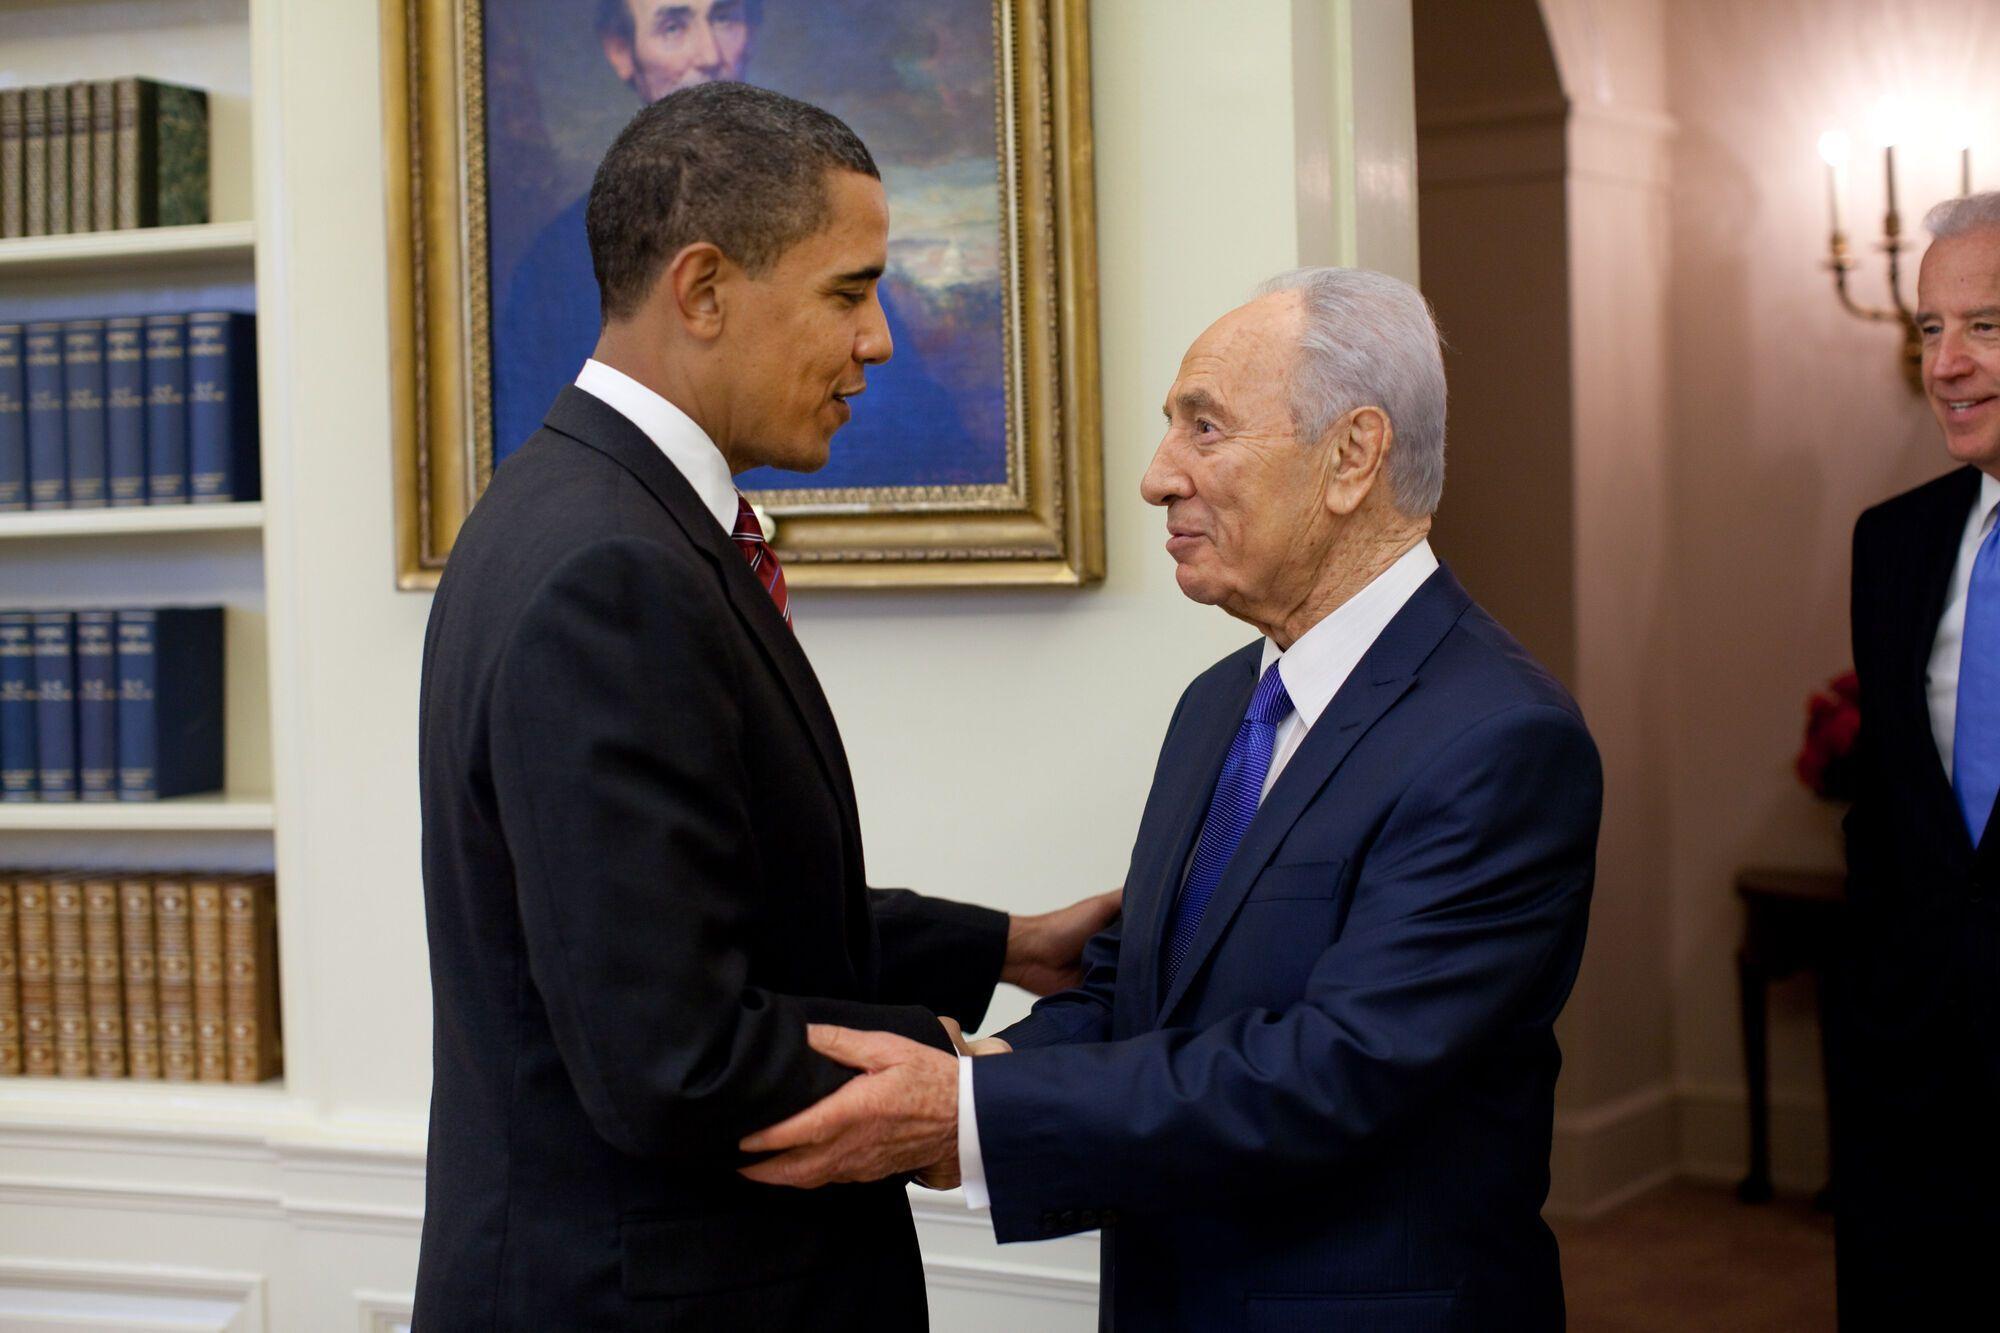 Шимон Перес і Барак Обама